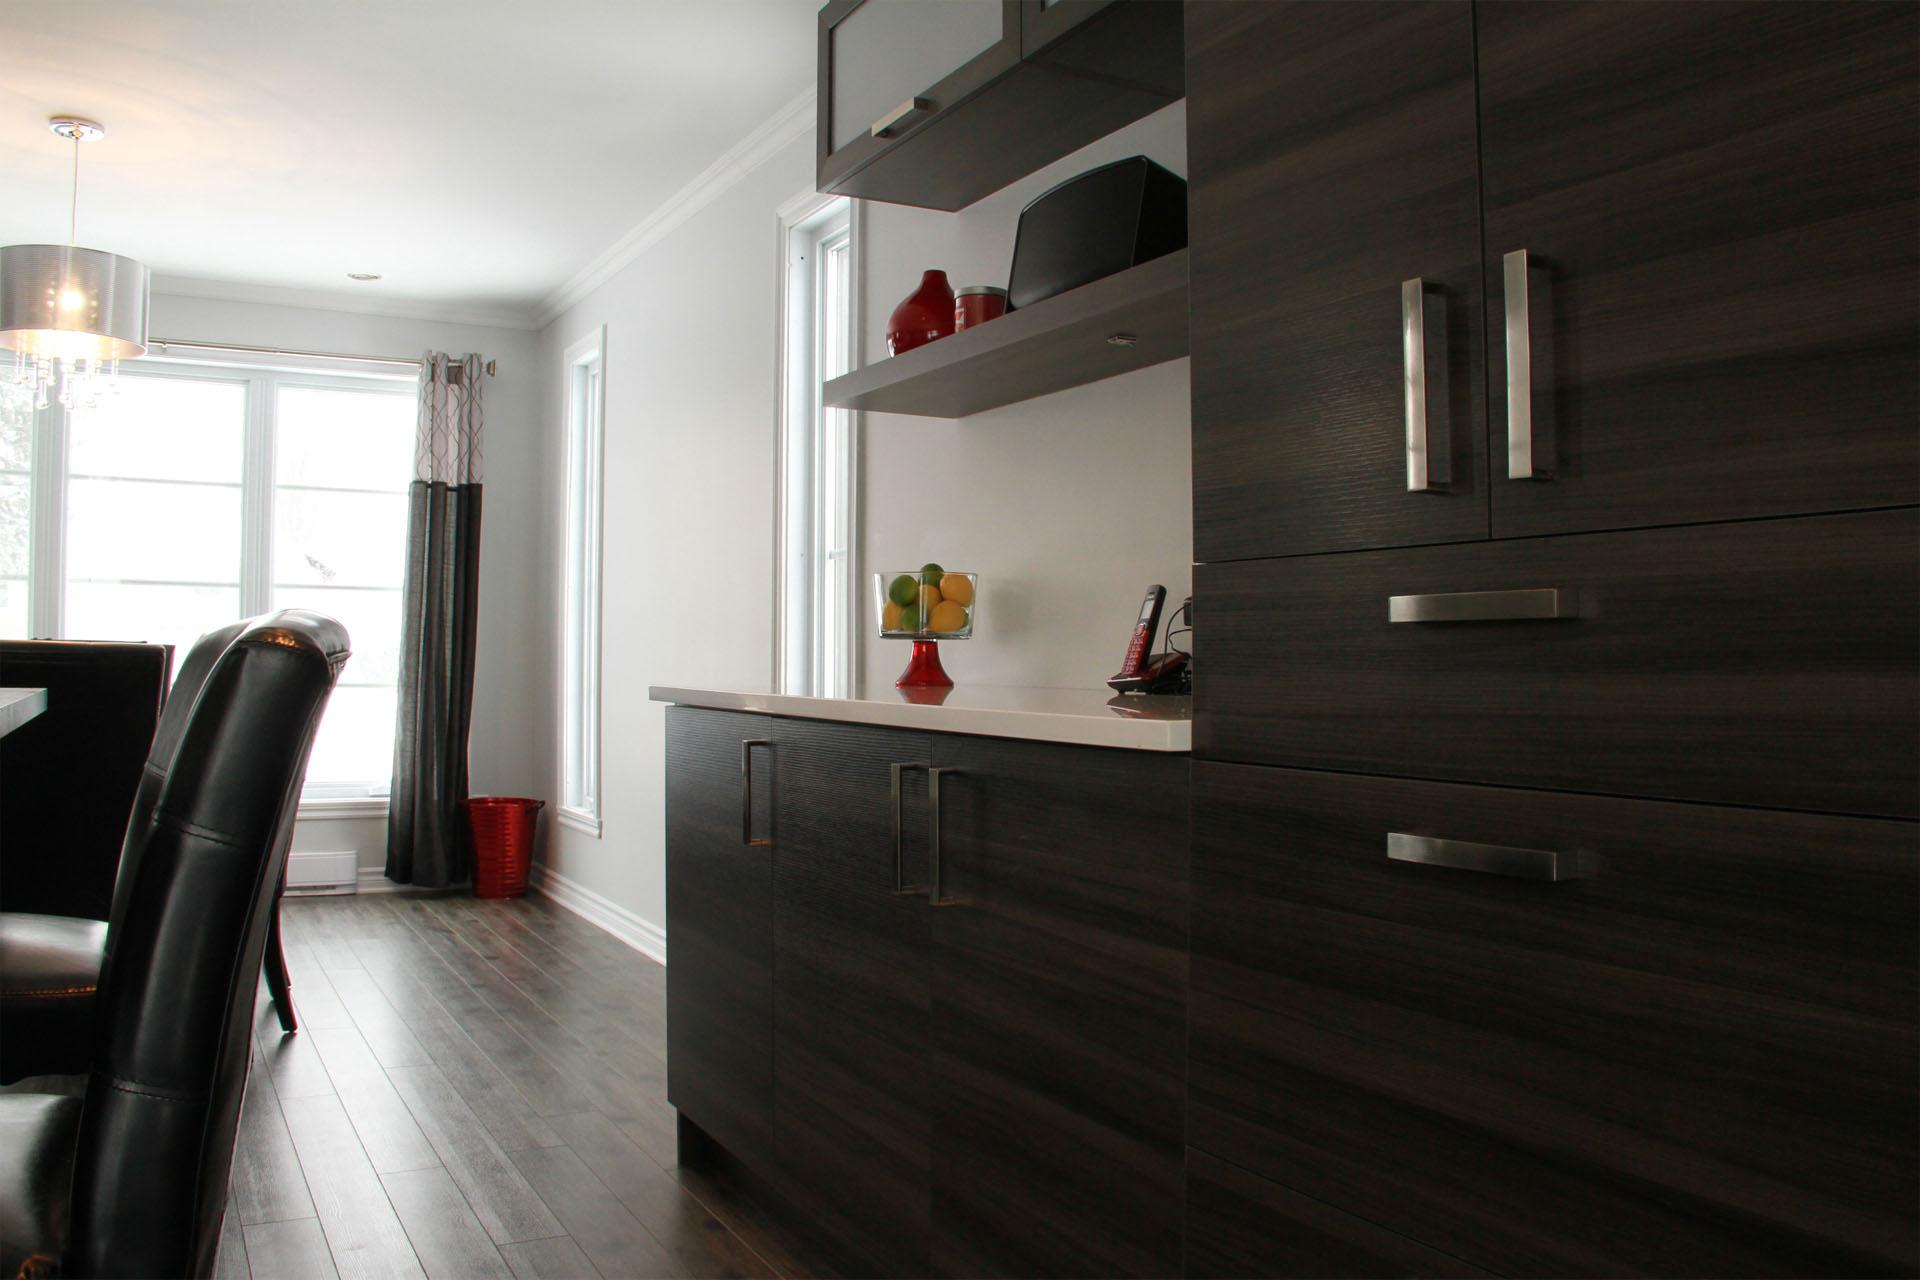 Article de cuisine montreal 28 images les 13 for Articles de cuisine design